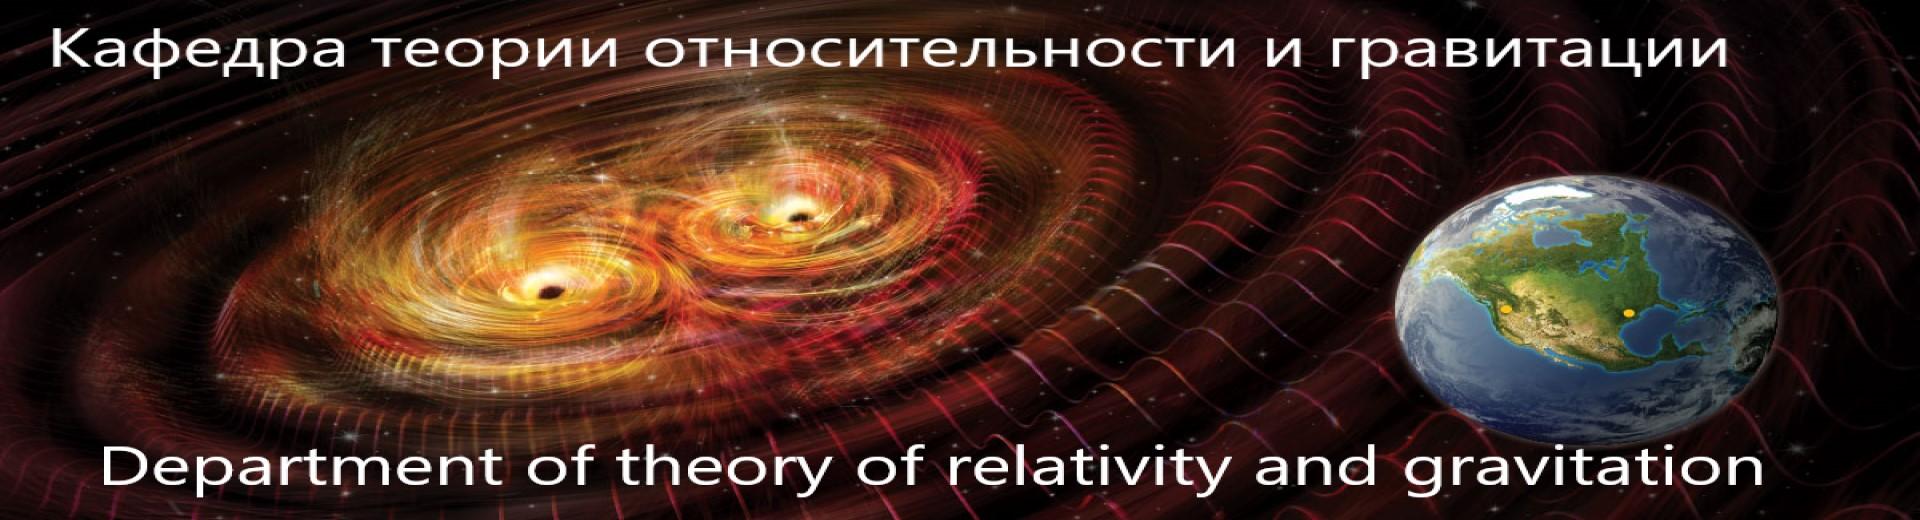 Портал КФУ \ Образование \ Институт физики \ Структура \ Кафедры \ Кафедра теории относительности и гравитации